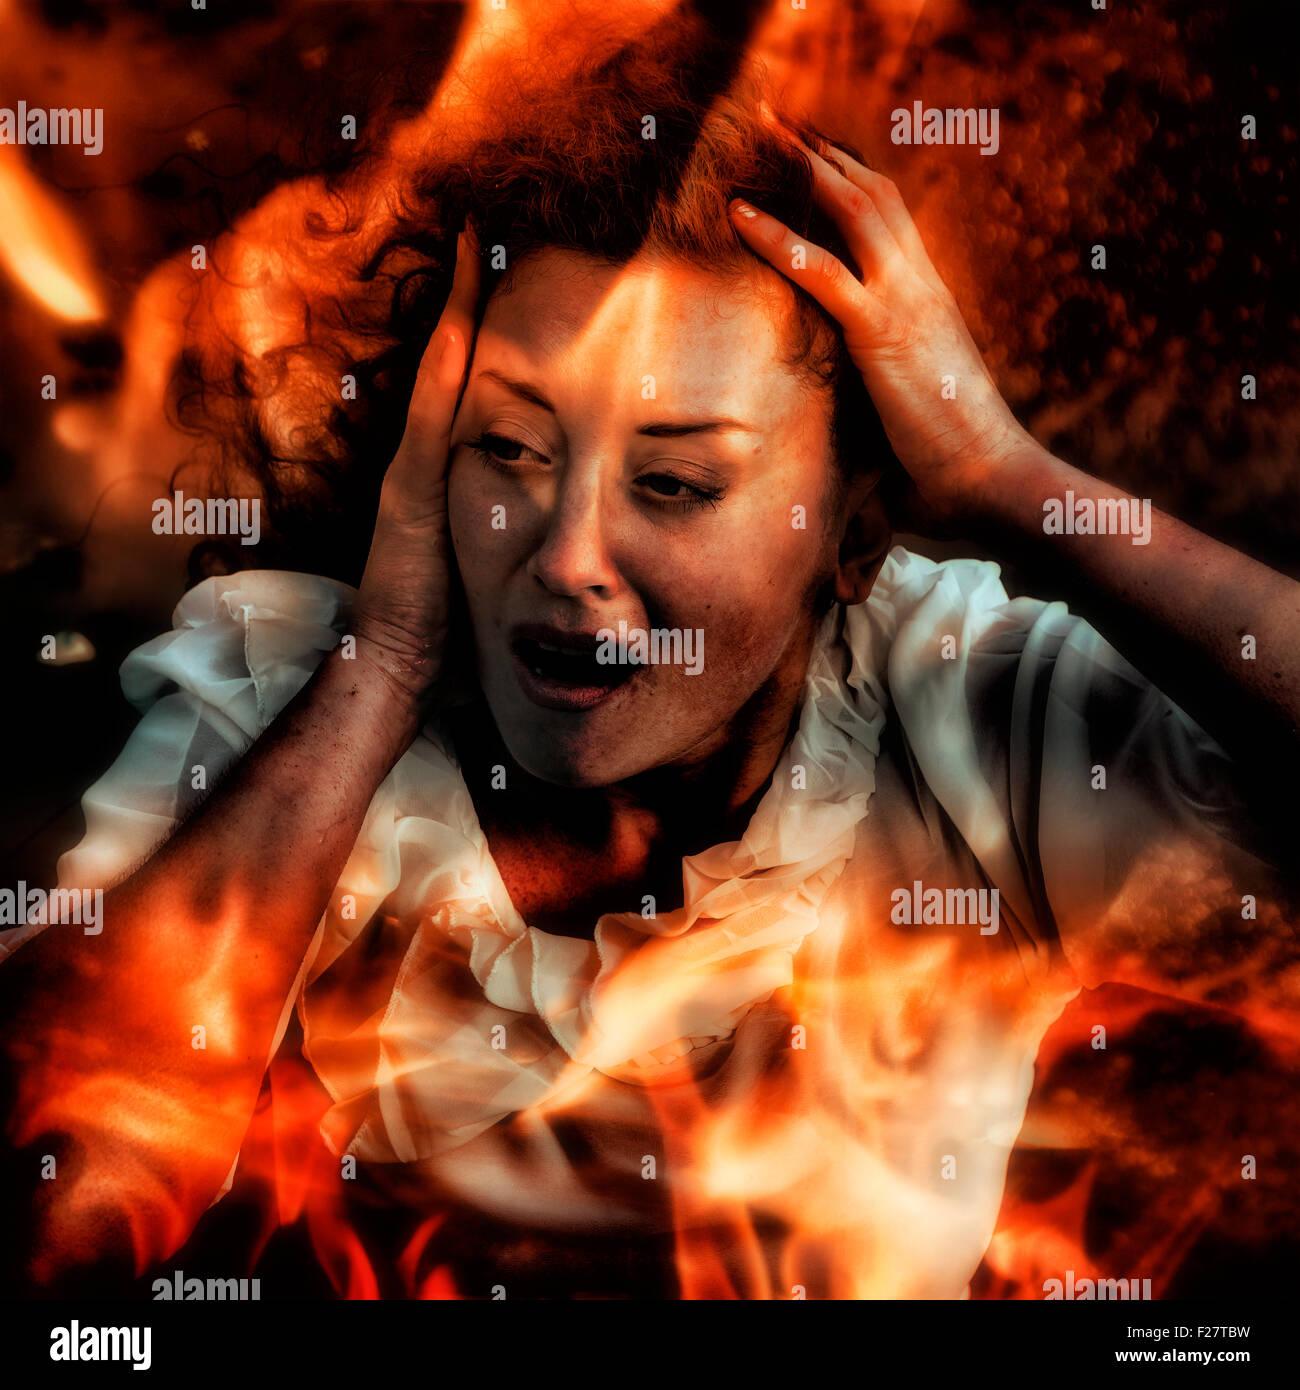 Una donna che guarda attraverso le fiamme, urlando Foto Stock